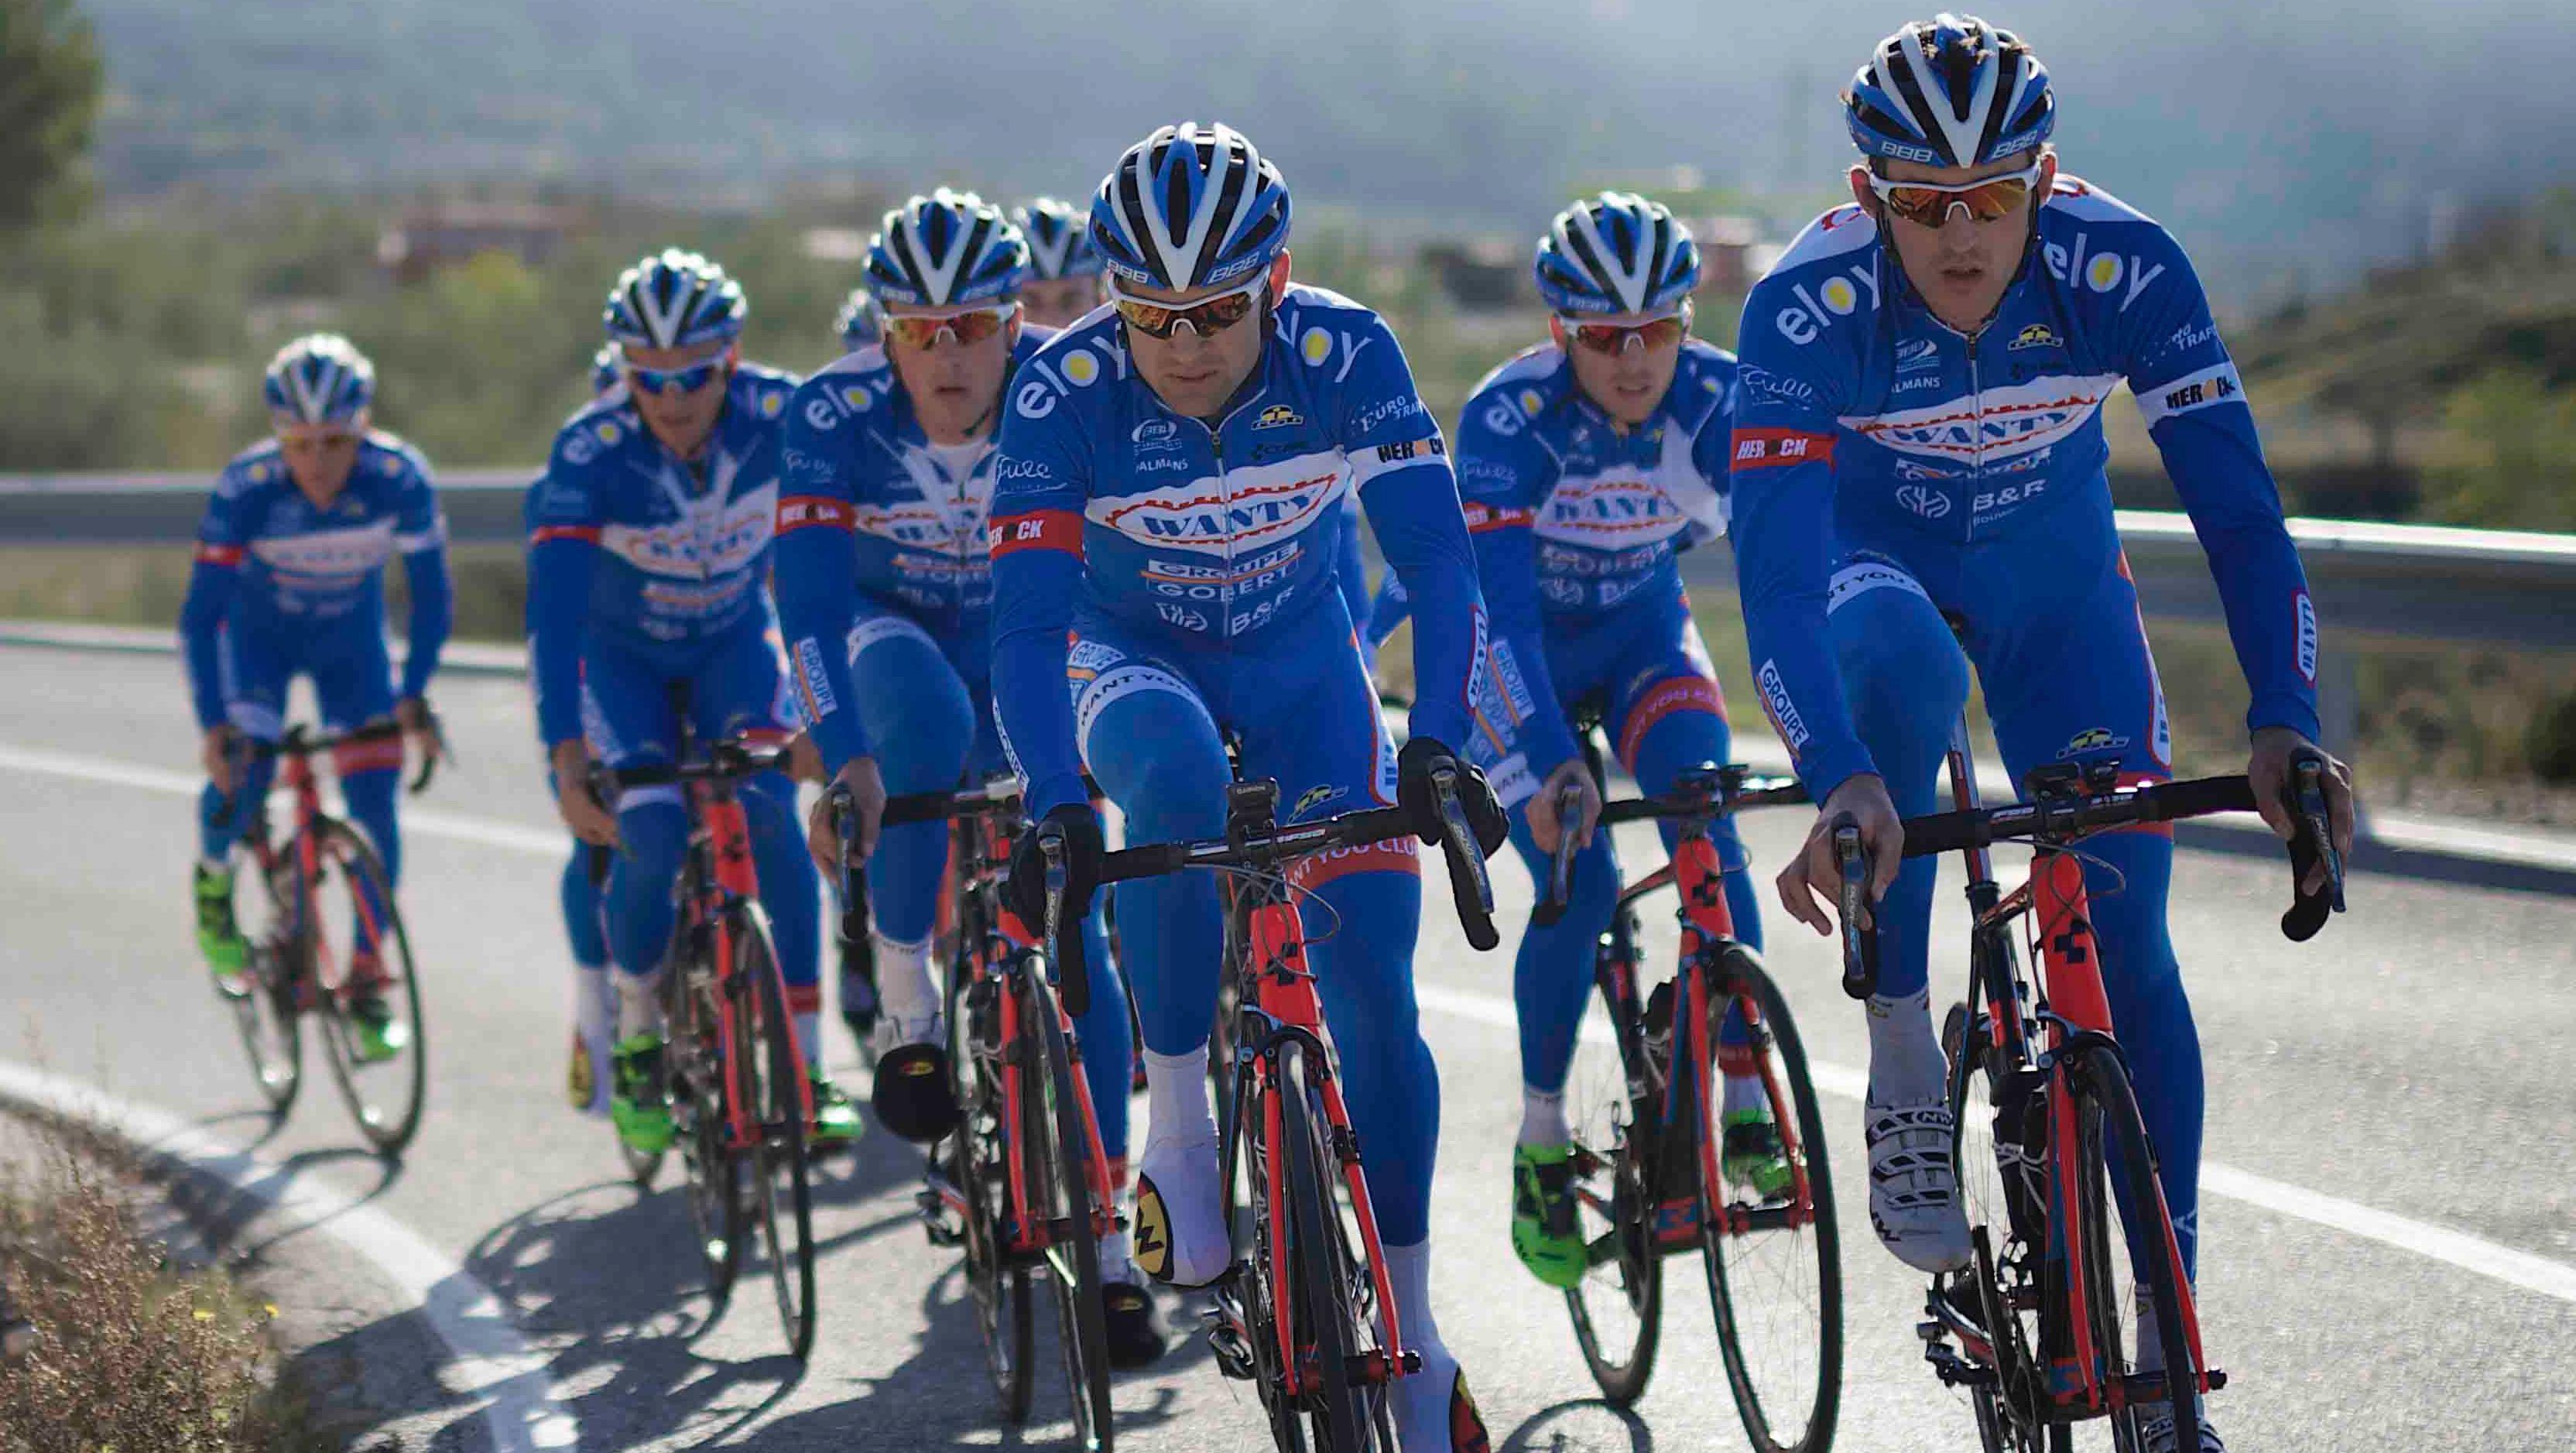 La formation Wanty Groupe Gobert au Tour de France 2017